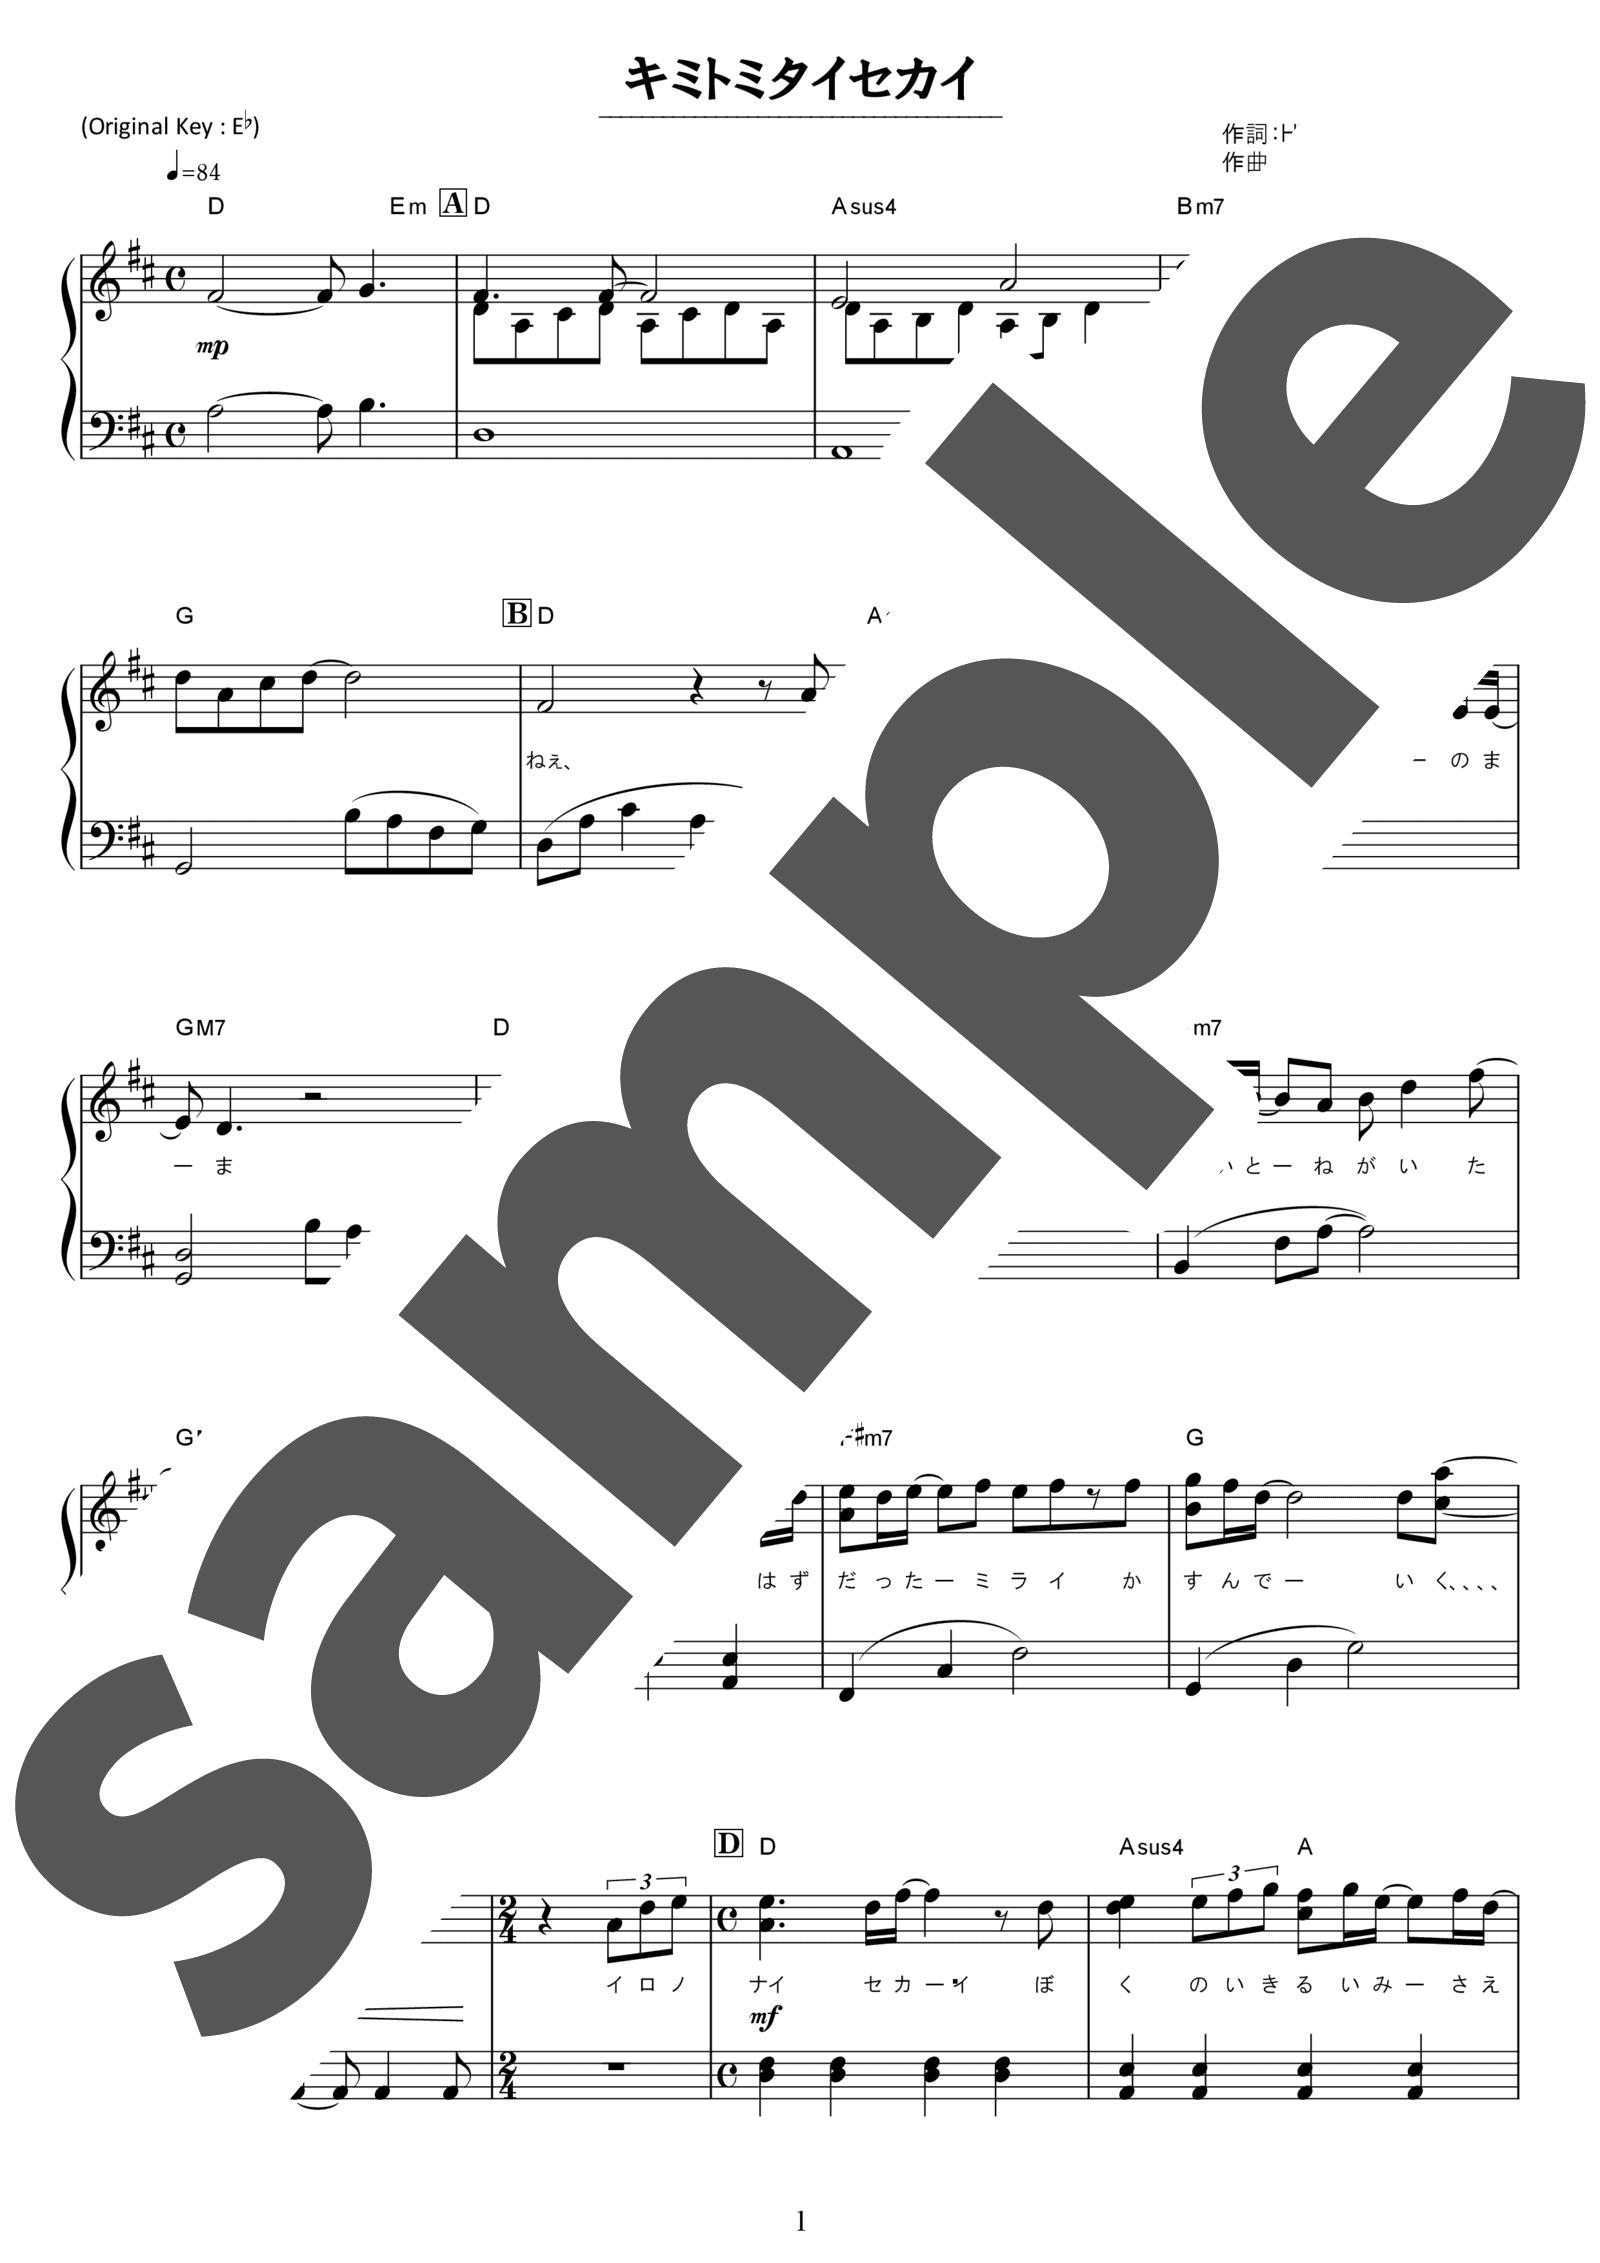 「キミトミタイセカイ」のサンプル楽譜